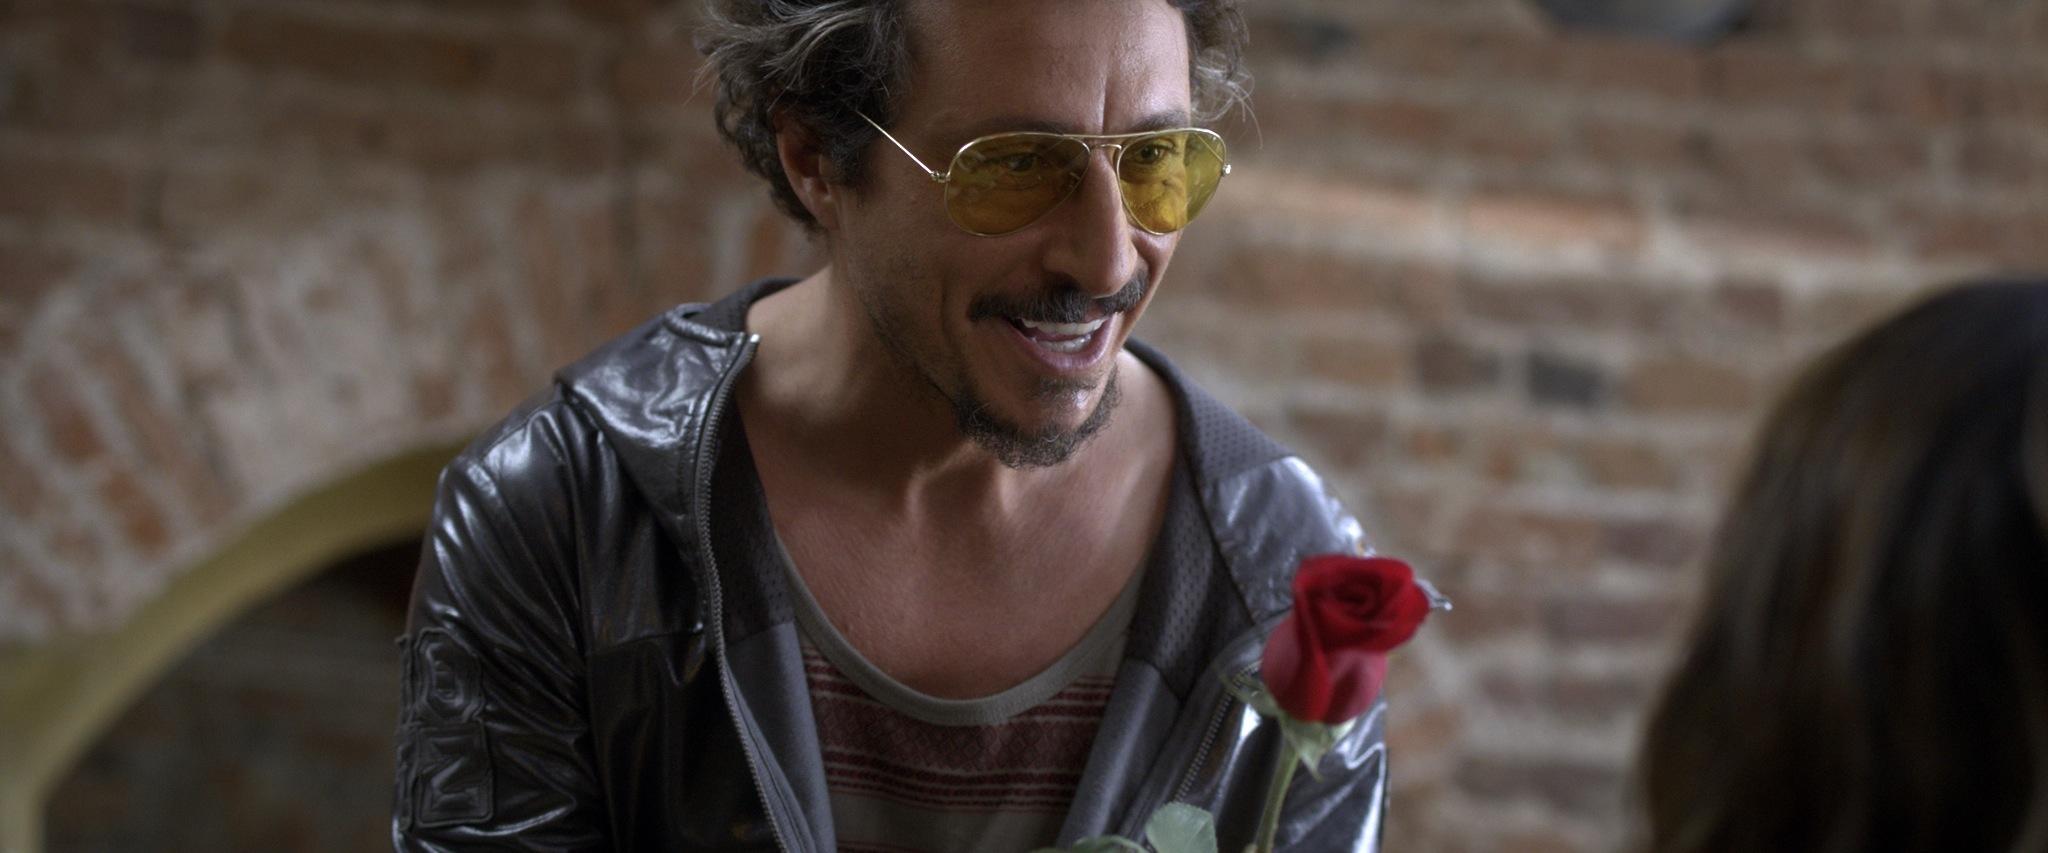 Luca Bizzarri in Un fidanzato per mia moglie